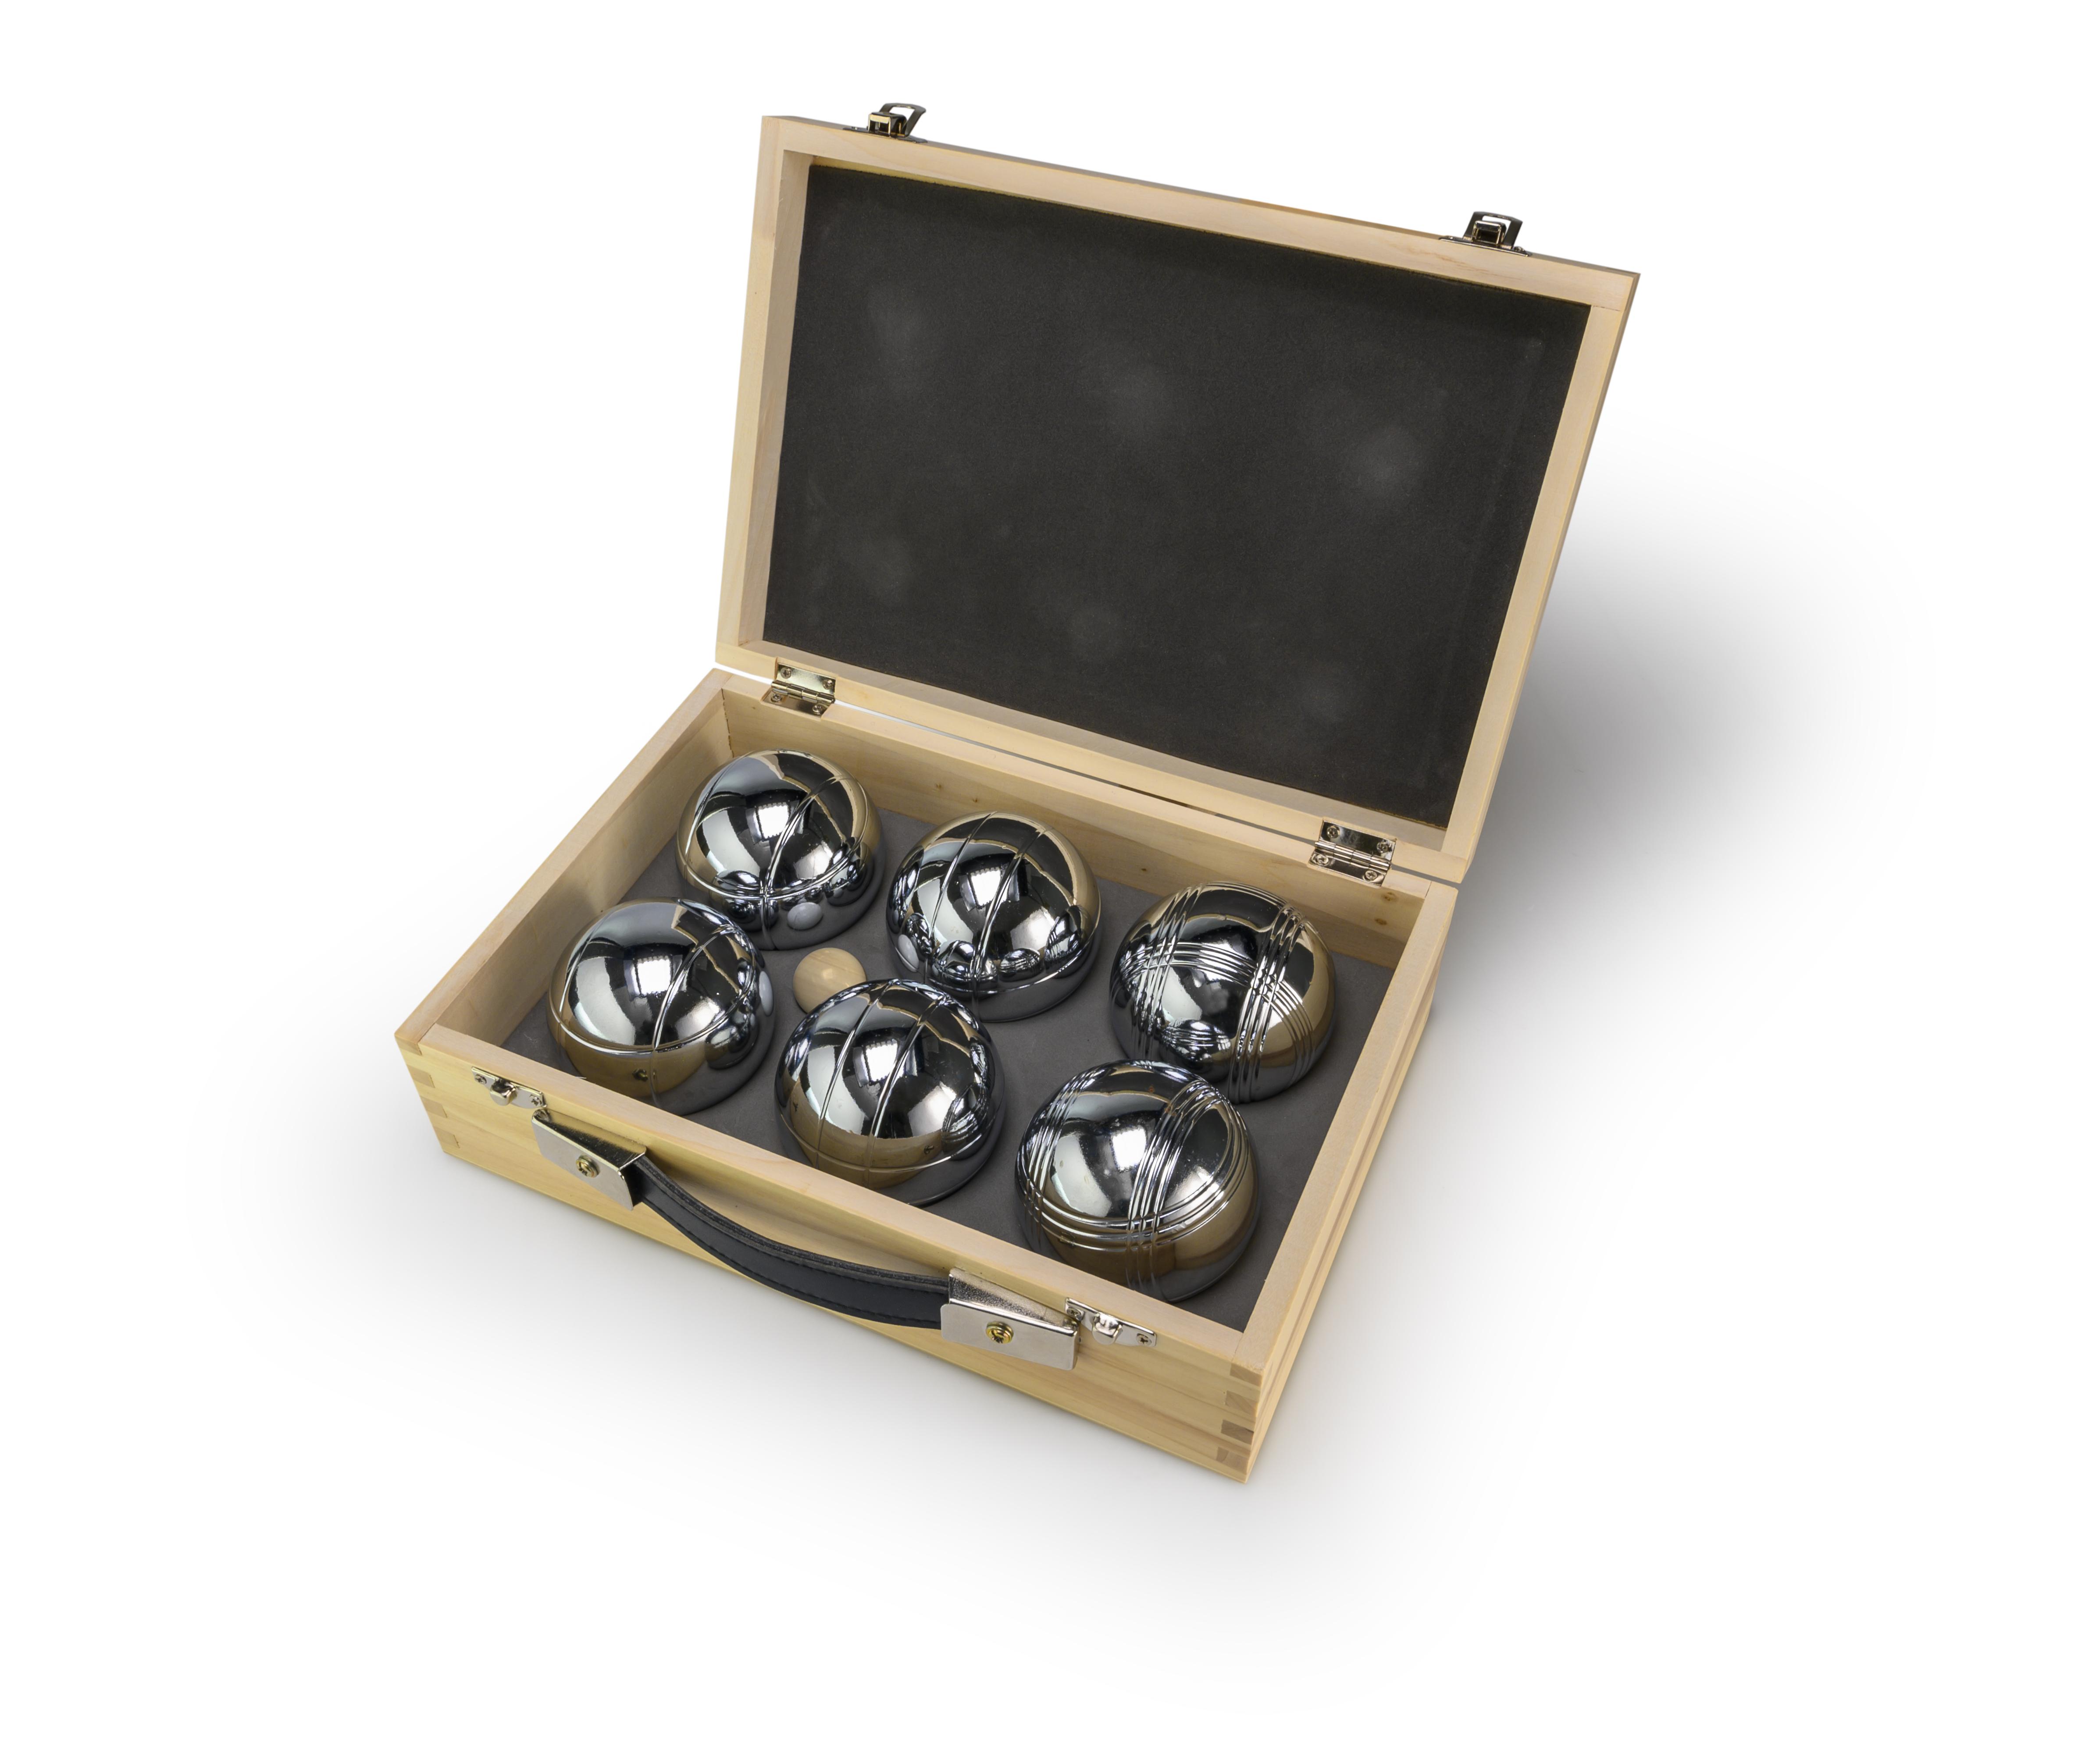 Tactic - Petanque in wooden box (56319)